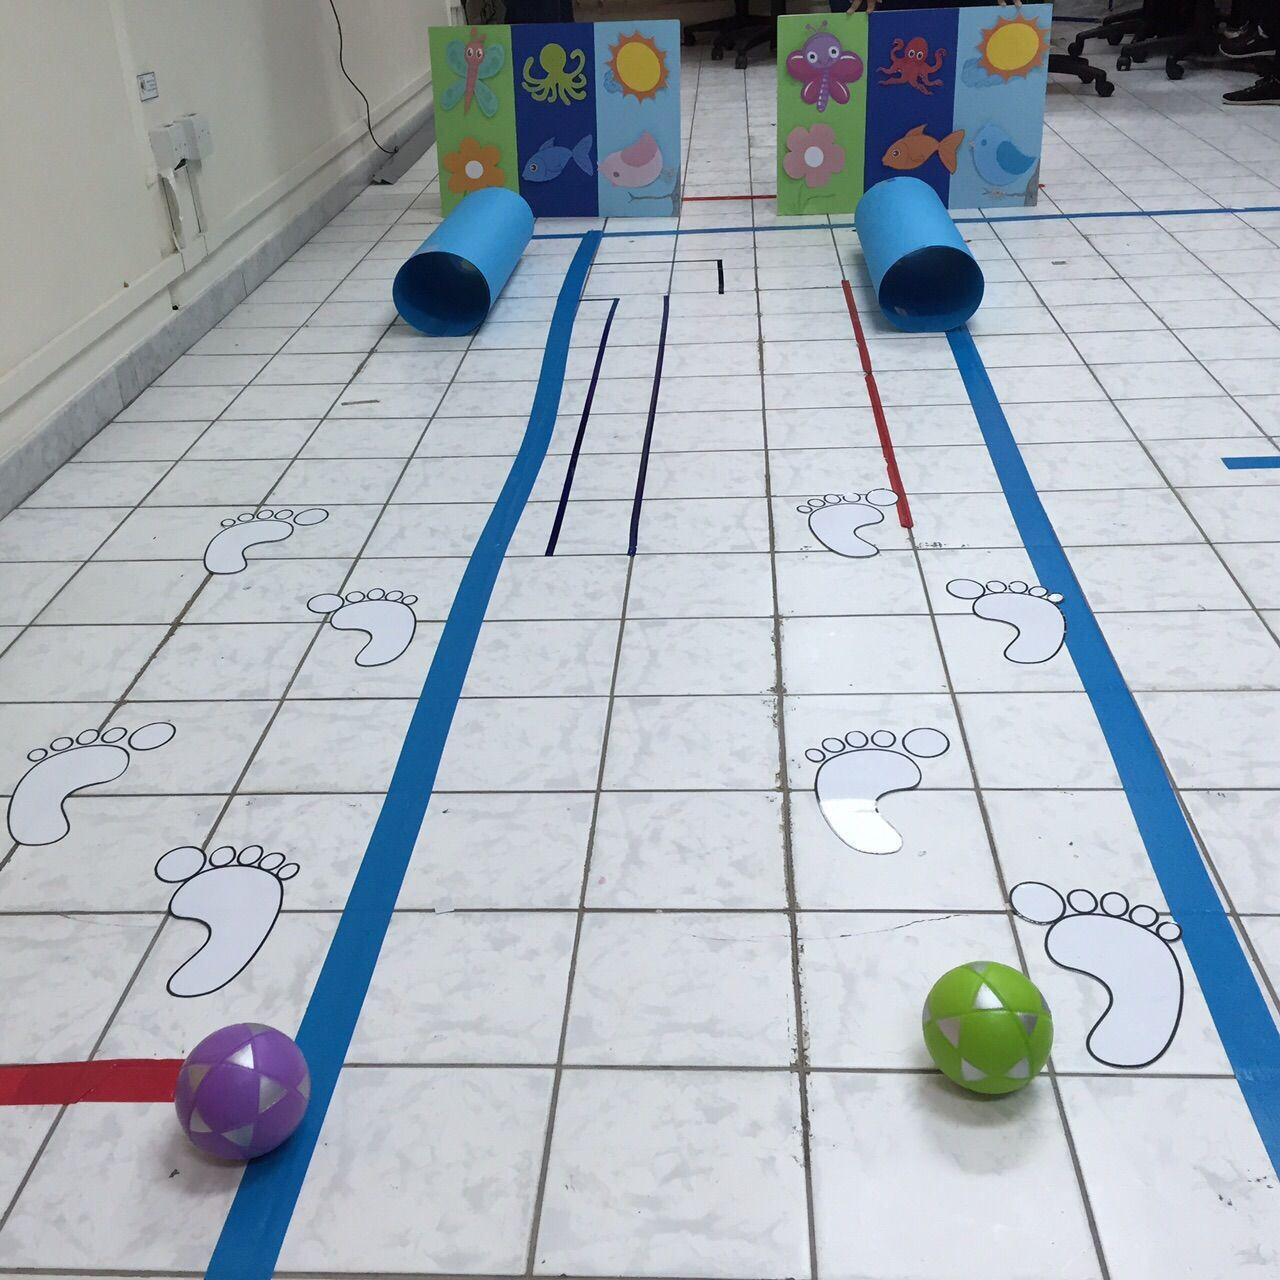 لعبة حركية يمشي الطفل على الخطوات ويرمي الكرة داخل الرول ثك يضع كل شي في ب Paper Crafts Diy Kids Fall Preschool Activities Preschool Learning Activities